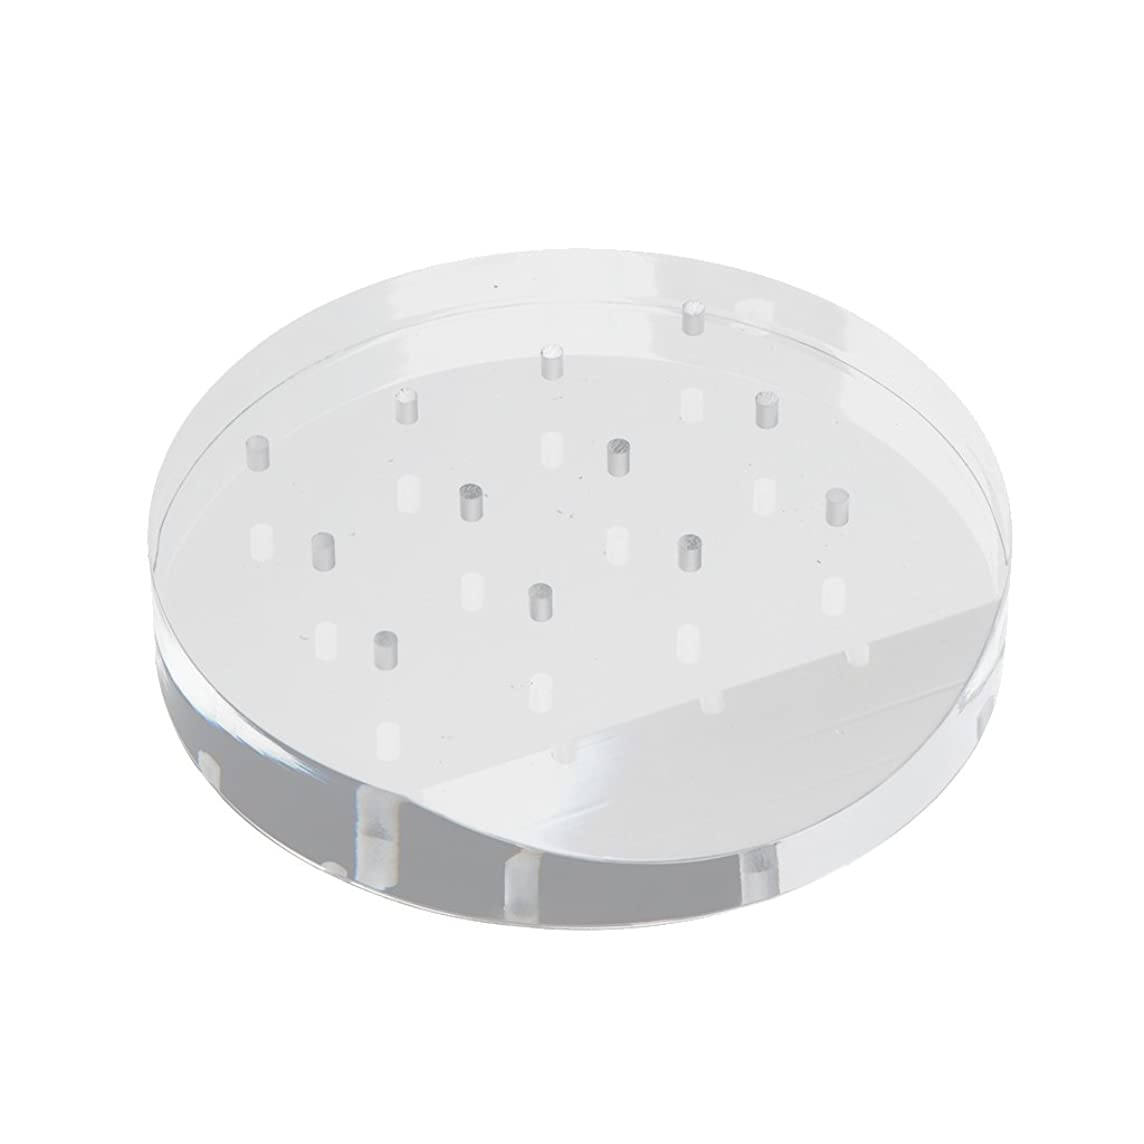 定期的な高い通知GRALARA ネイルドリルビット ホルダー スタンド アクリル 高品質 12穴 収納 オーガナイザー 透明 便利